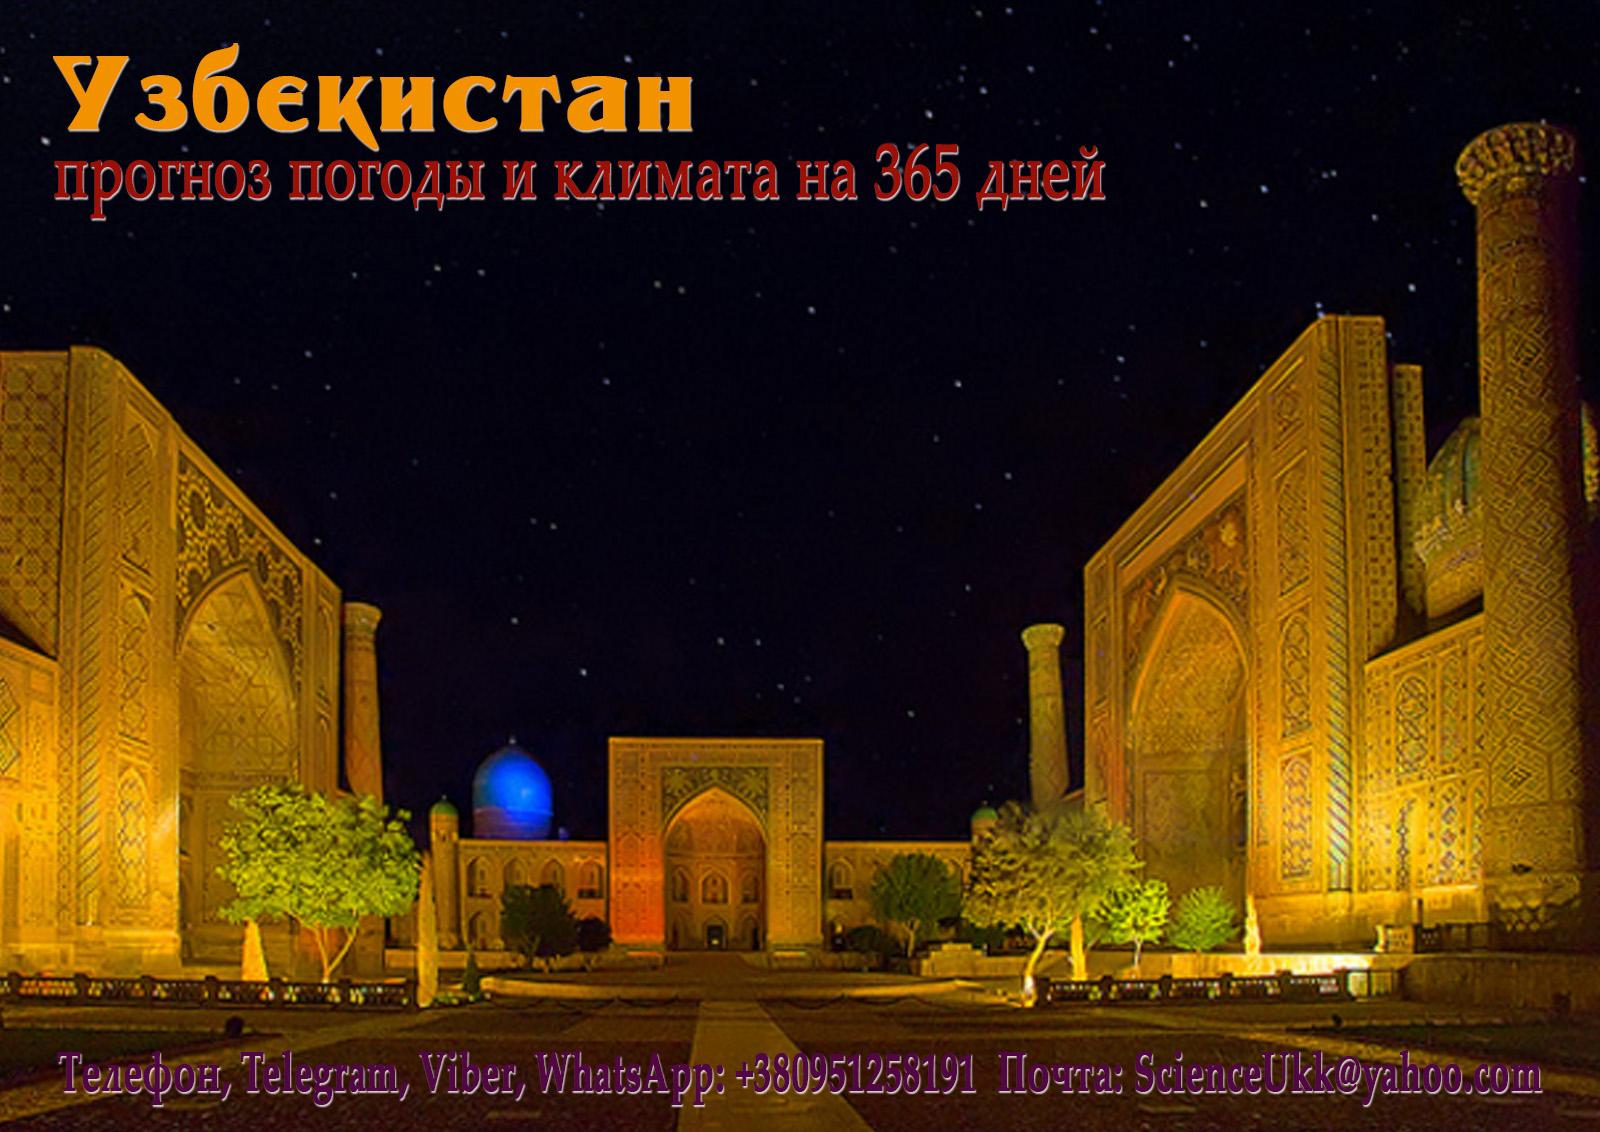 K.Vedomosti-Uzbekistan-1600-2018.07.14-001